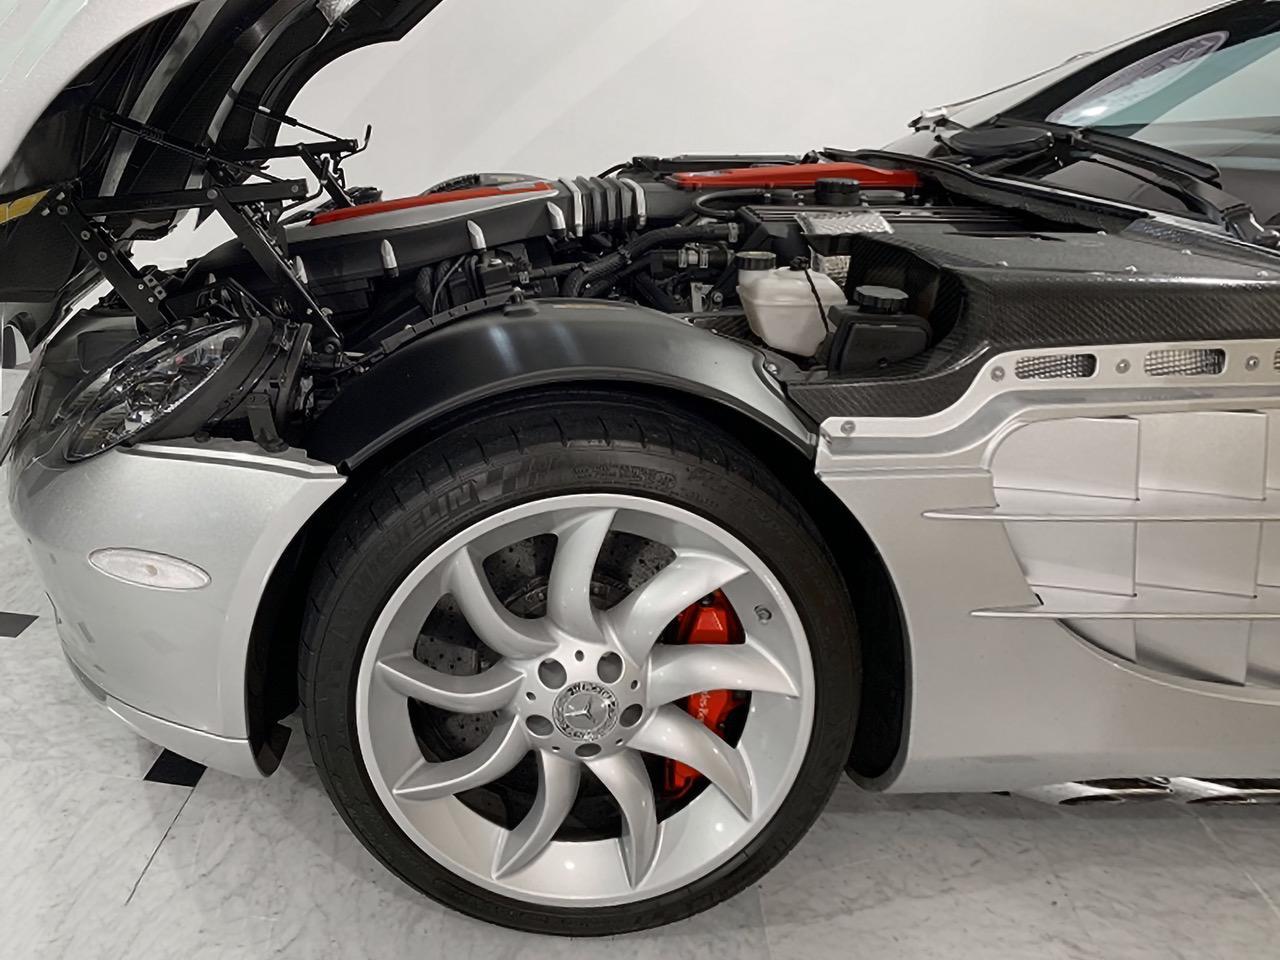 Mercedes-Benz-SLR-Roadster-55-AMG-10